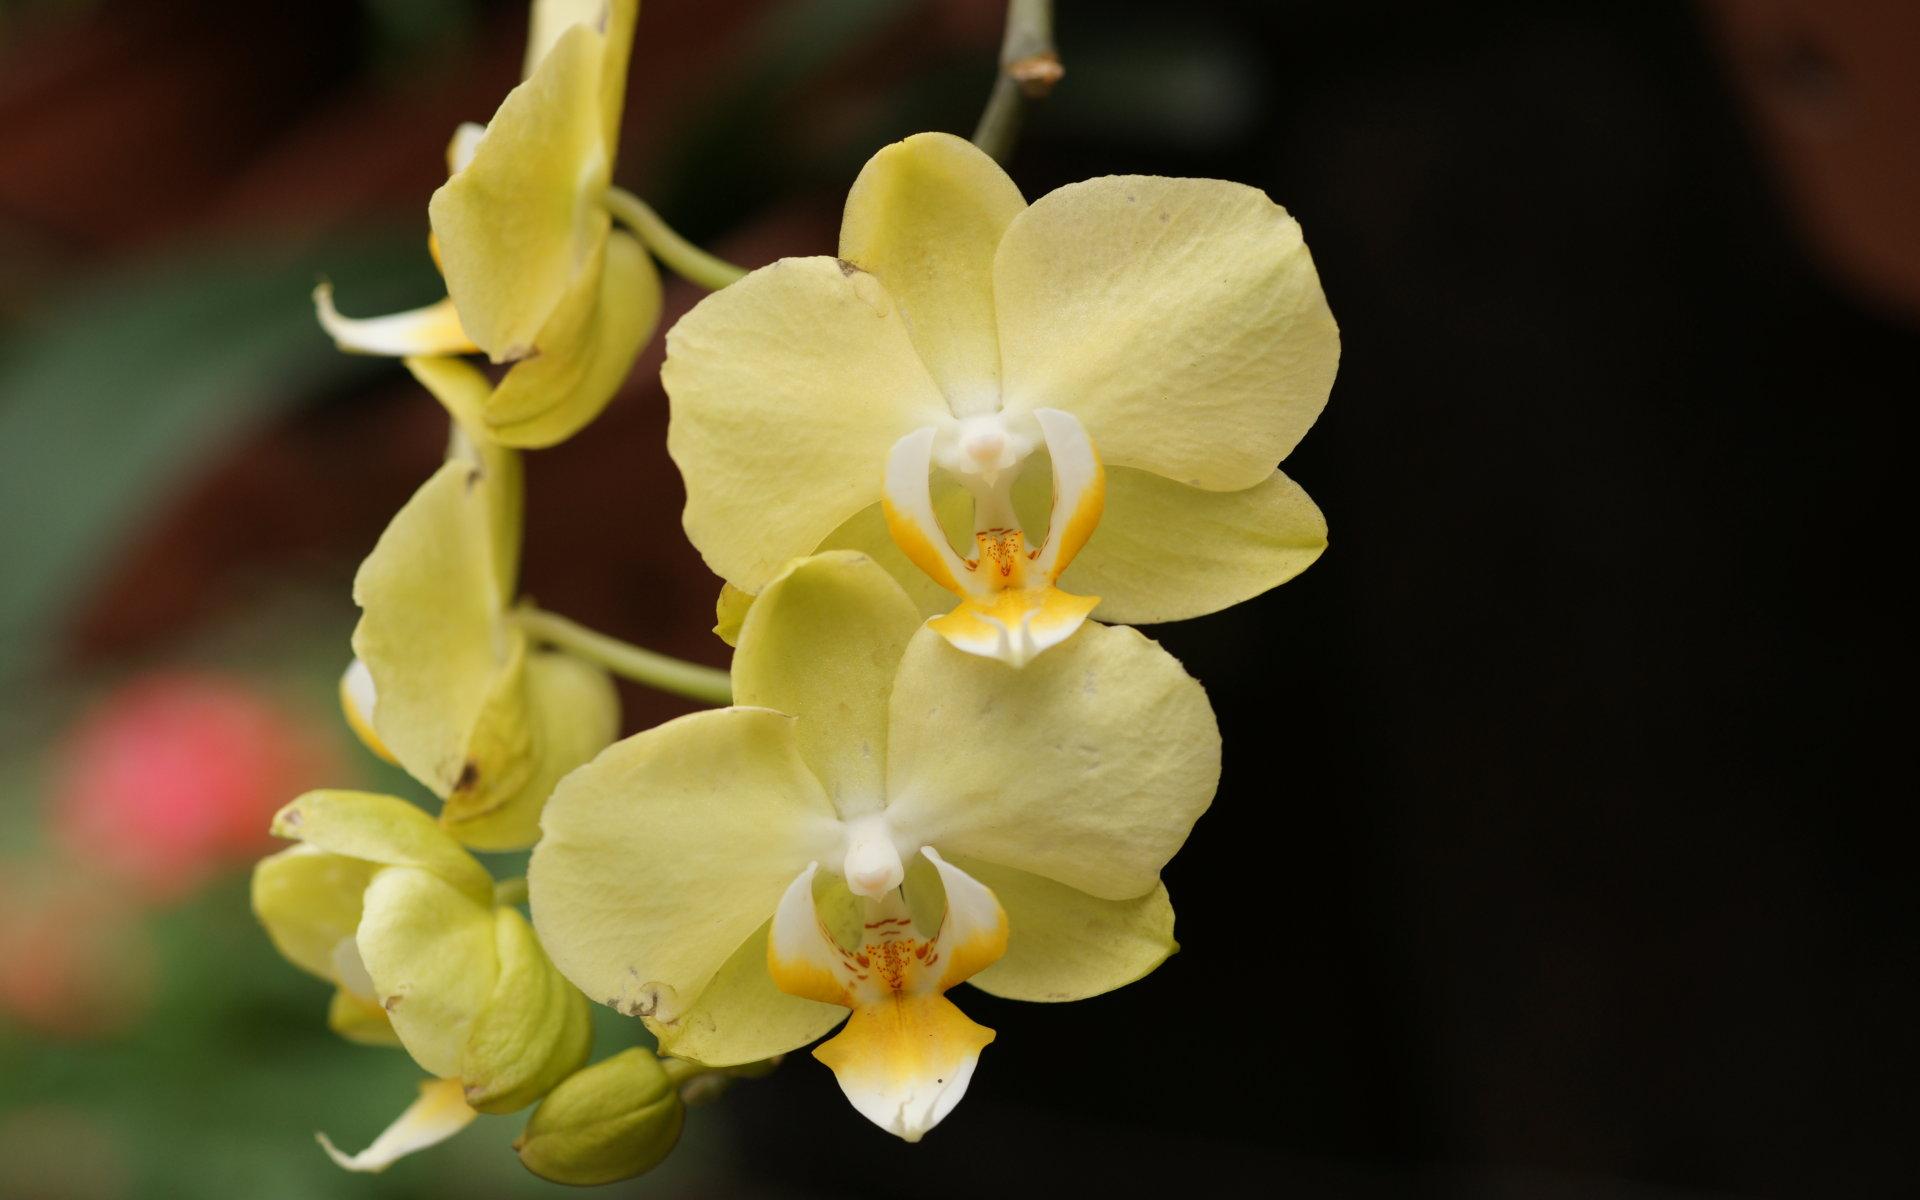 orquideas amarillas hermosas